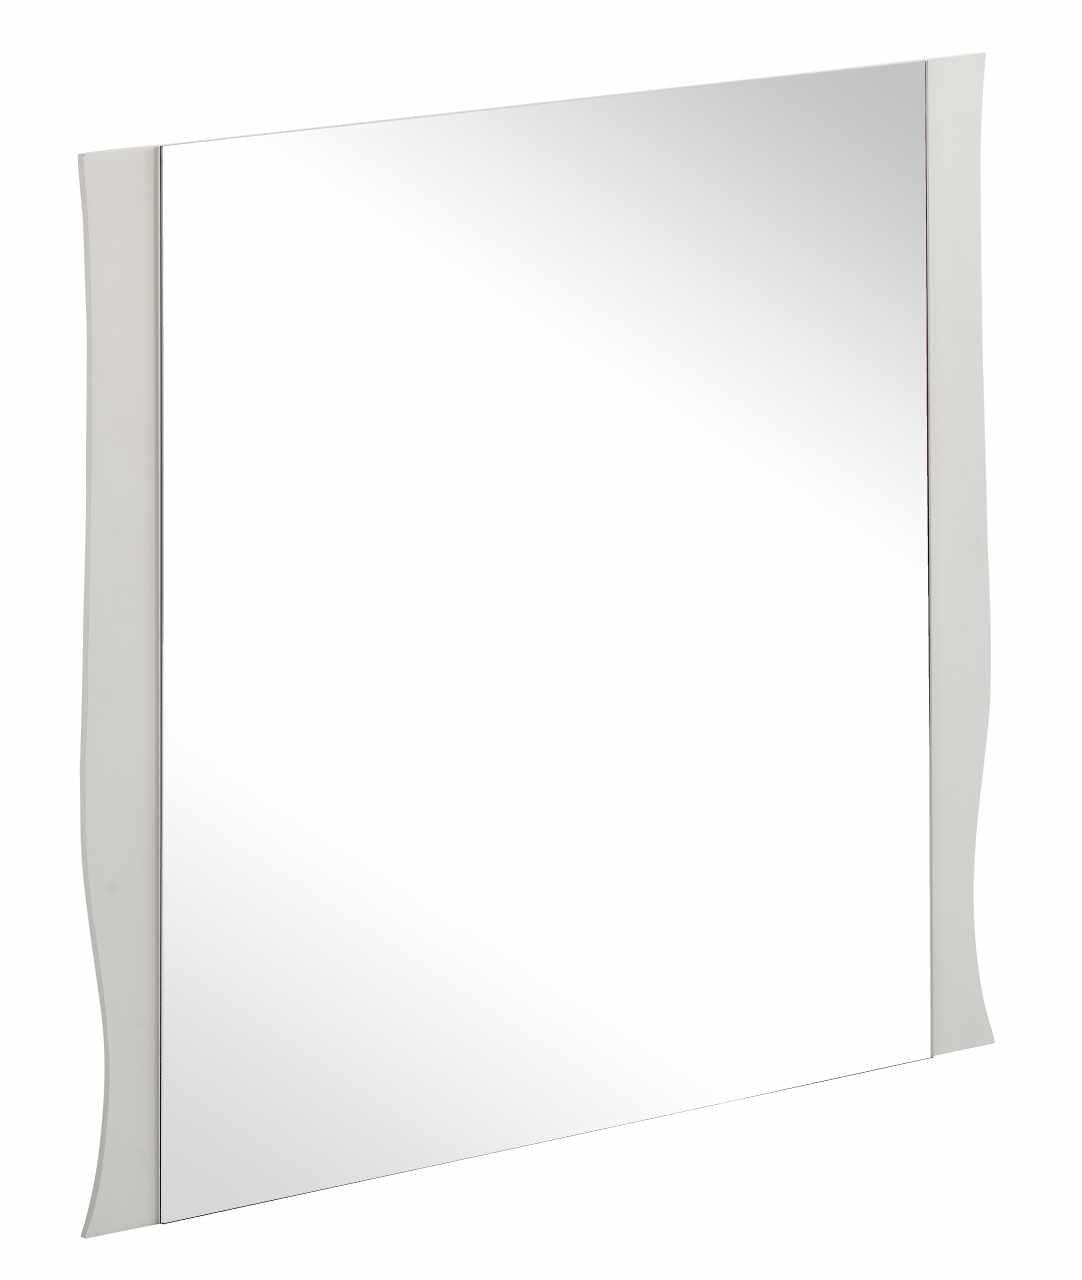 Oglinda pentru baie, L80xl60 cm, Elisabeth la pret 299 lei